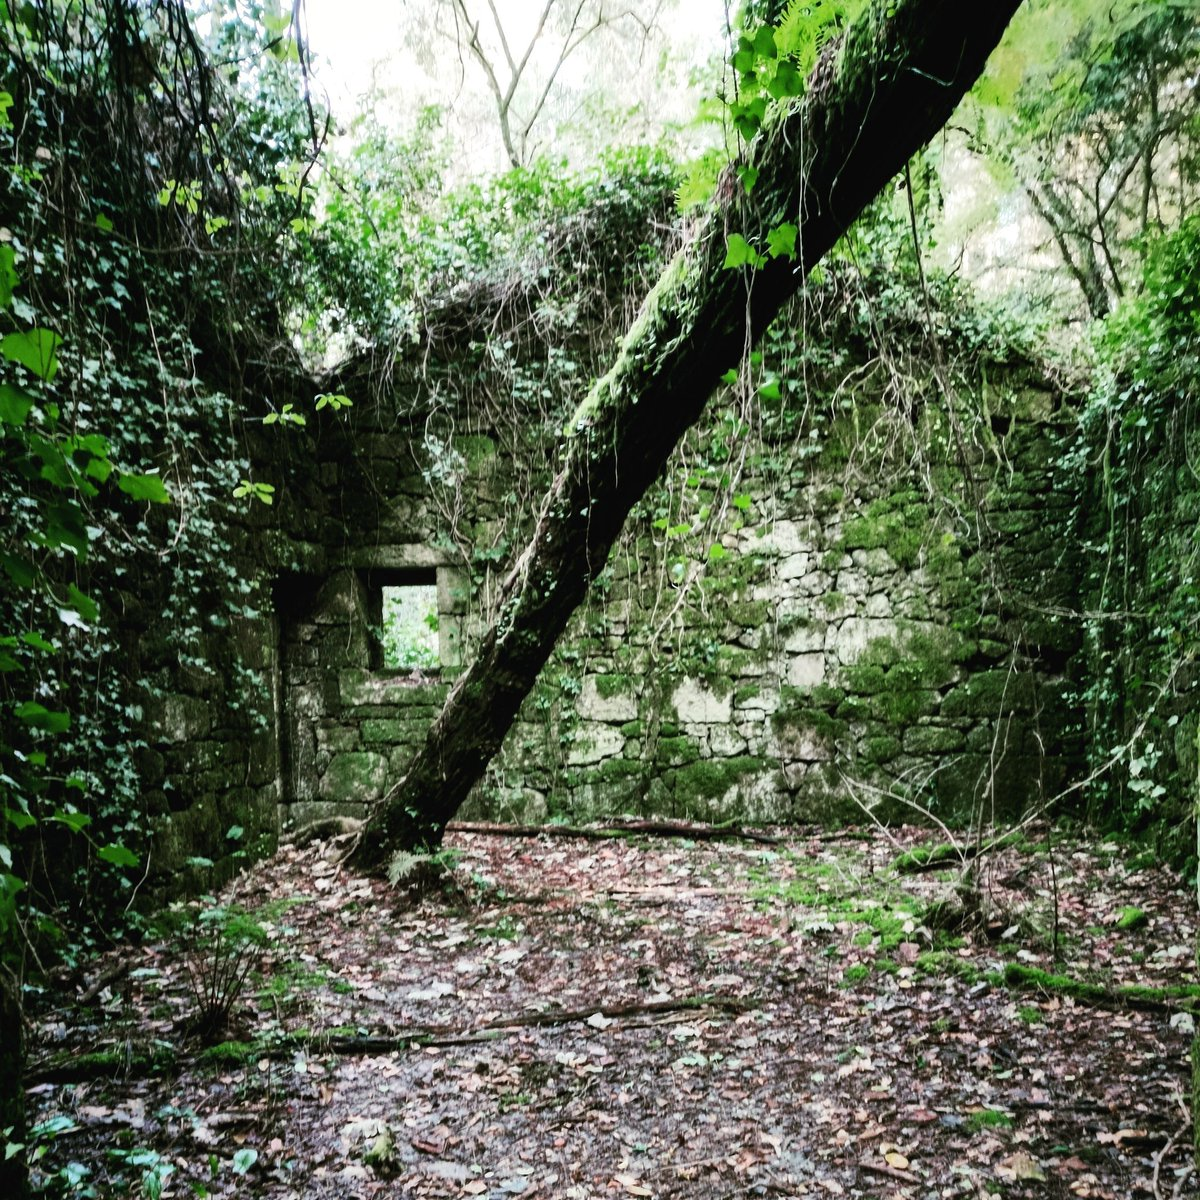 サリナス (Vilaboa )   #風景 #森  #サリナス #Salinas #pontevedra #vilaboa #川 #廃 #salinasdevilaboa #galicia #自然 #スペイン